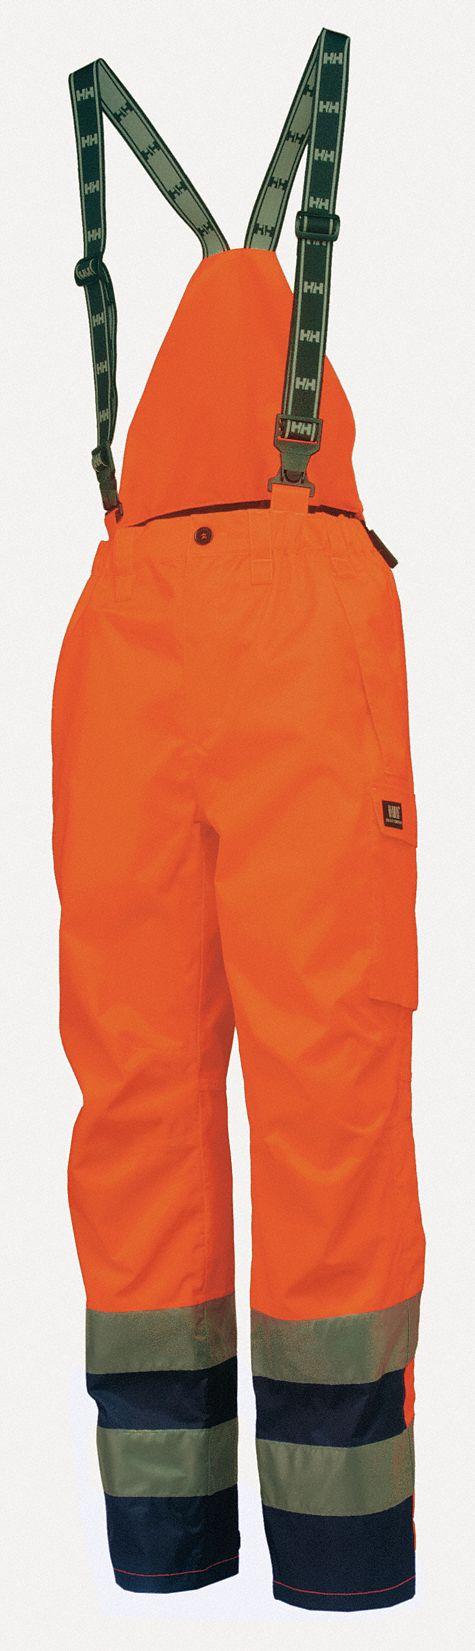 Rain Pants And Overalls